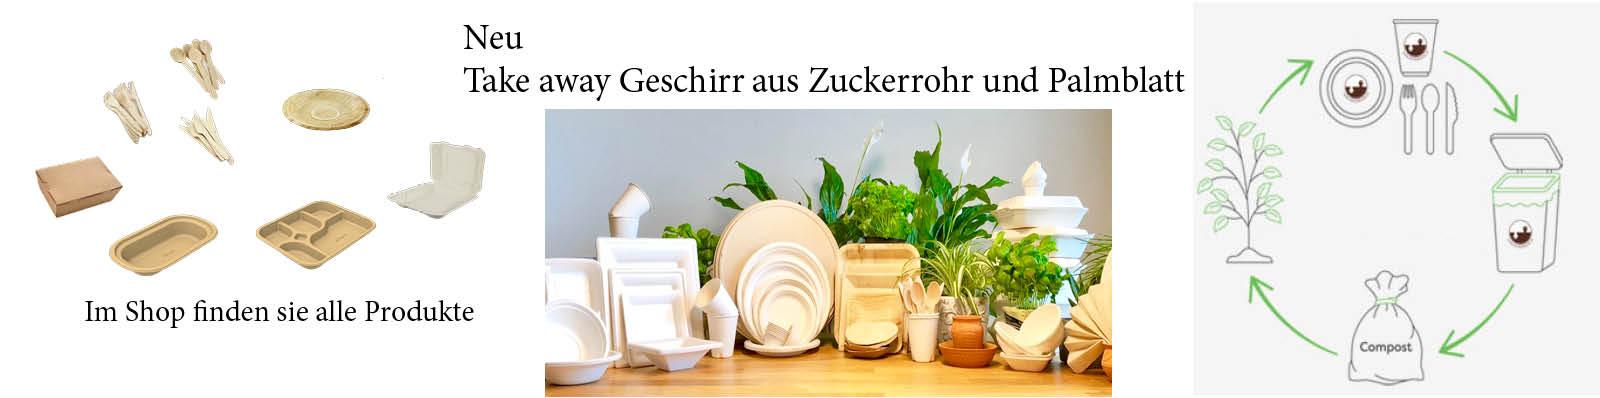 Take_away_Geschirr_neu